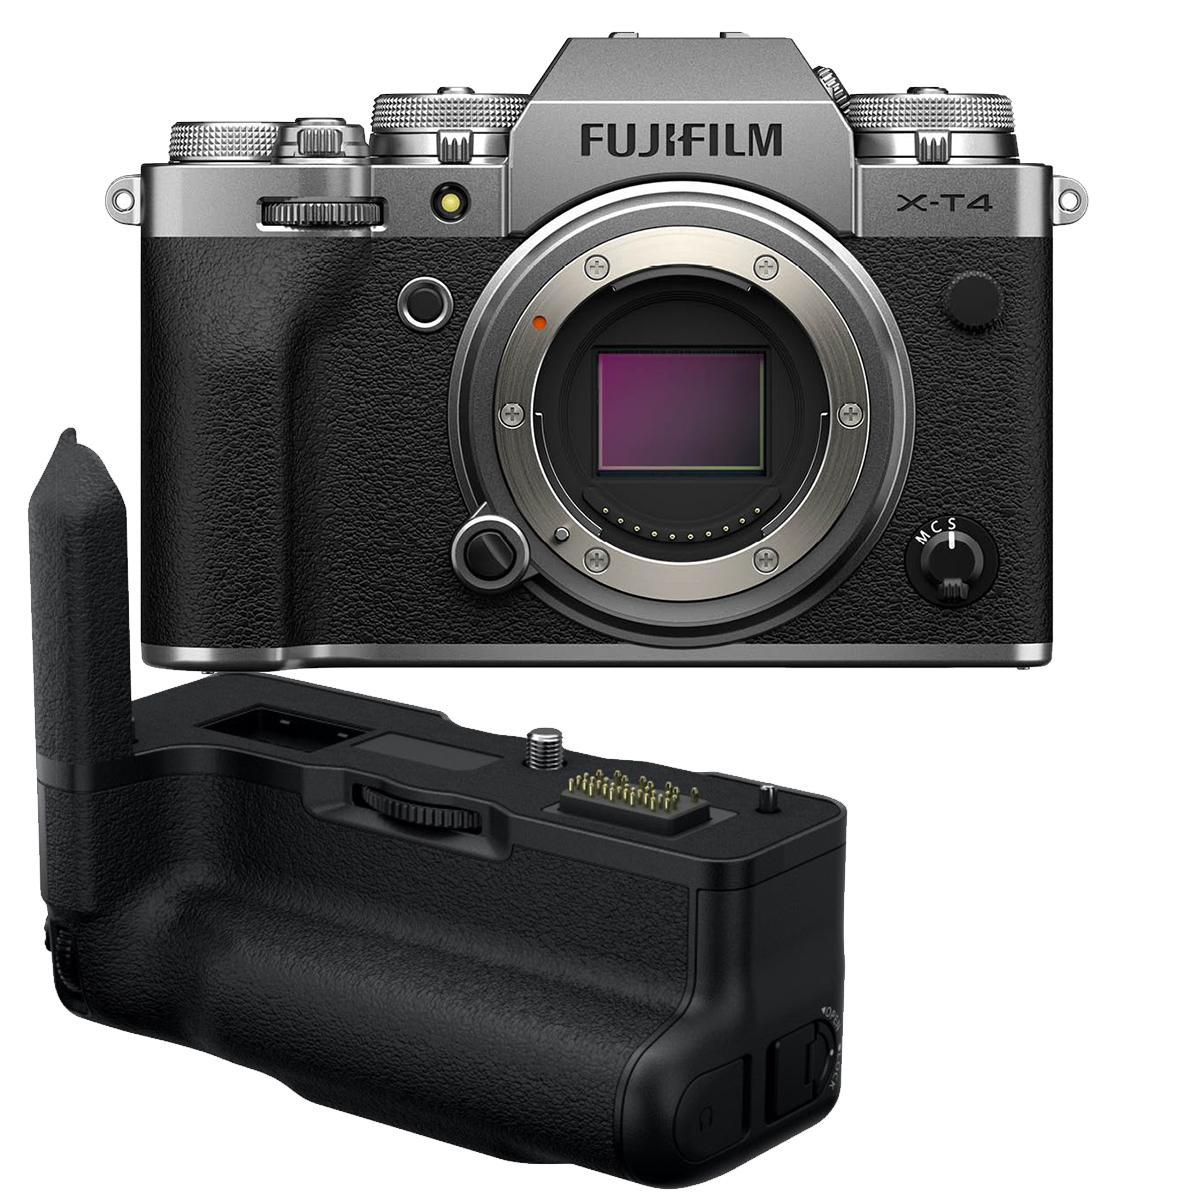 Fujifilm X-T4 Kit mit VG-XT4 Handgriff silber